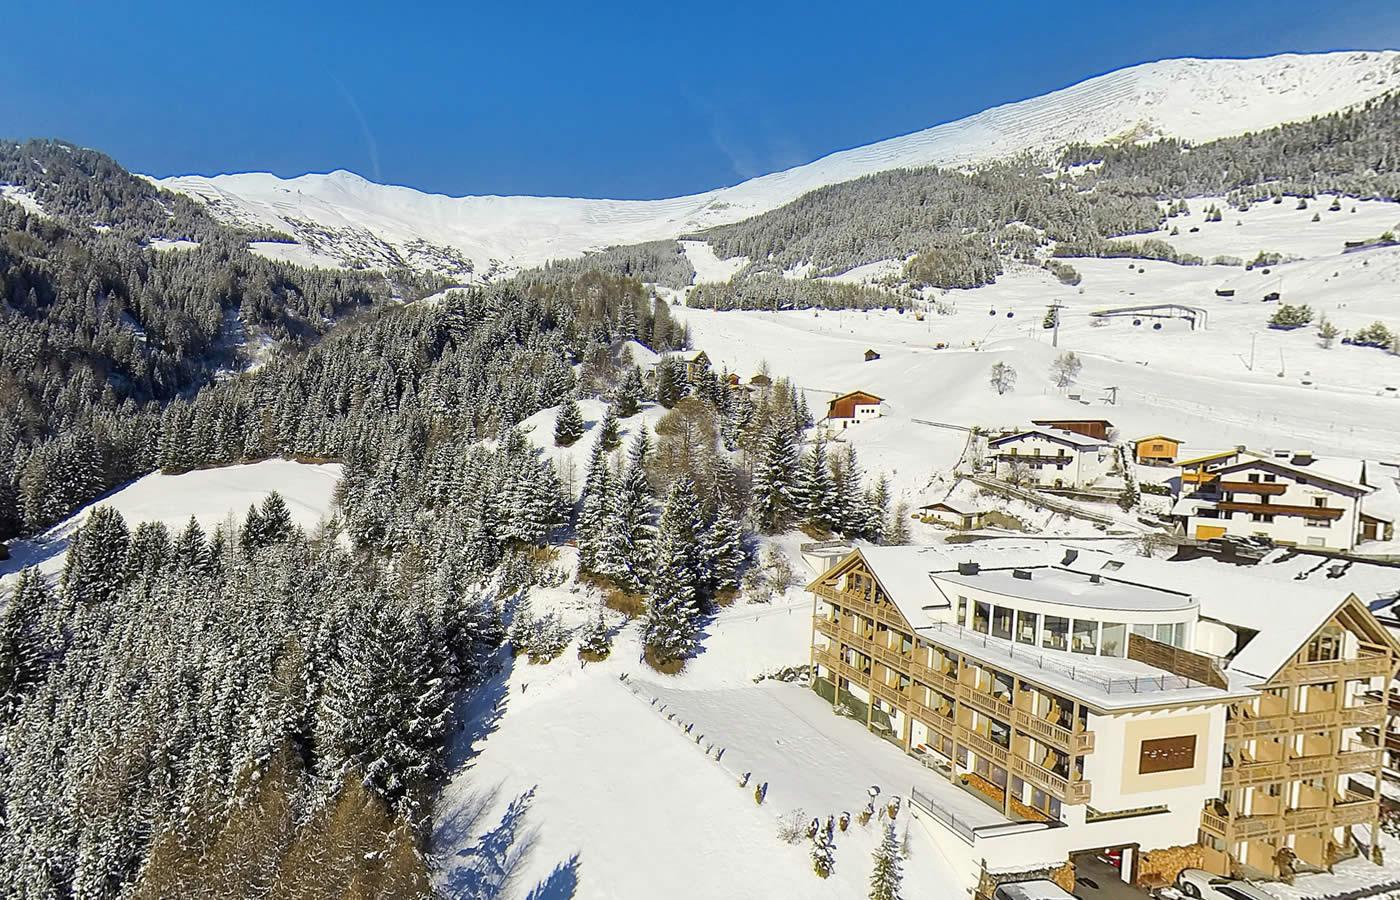 Luftaufnahme des Hotels. Natürliche Lage des Hotels in Fiss, Tirol.